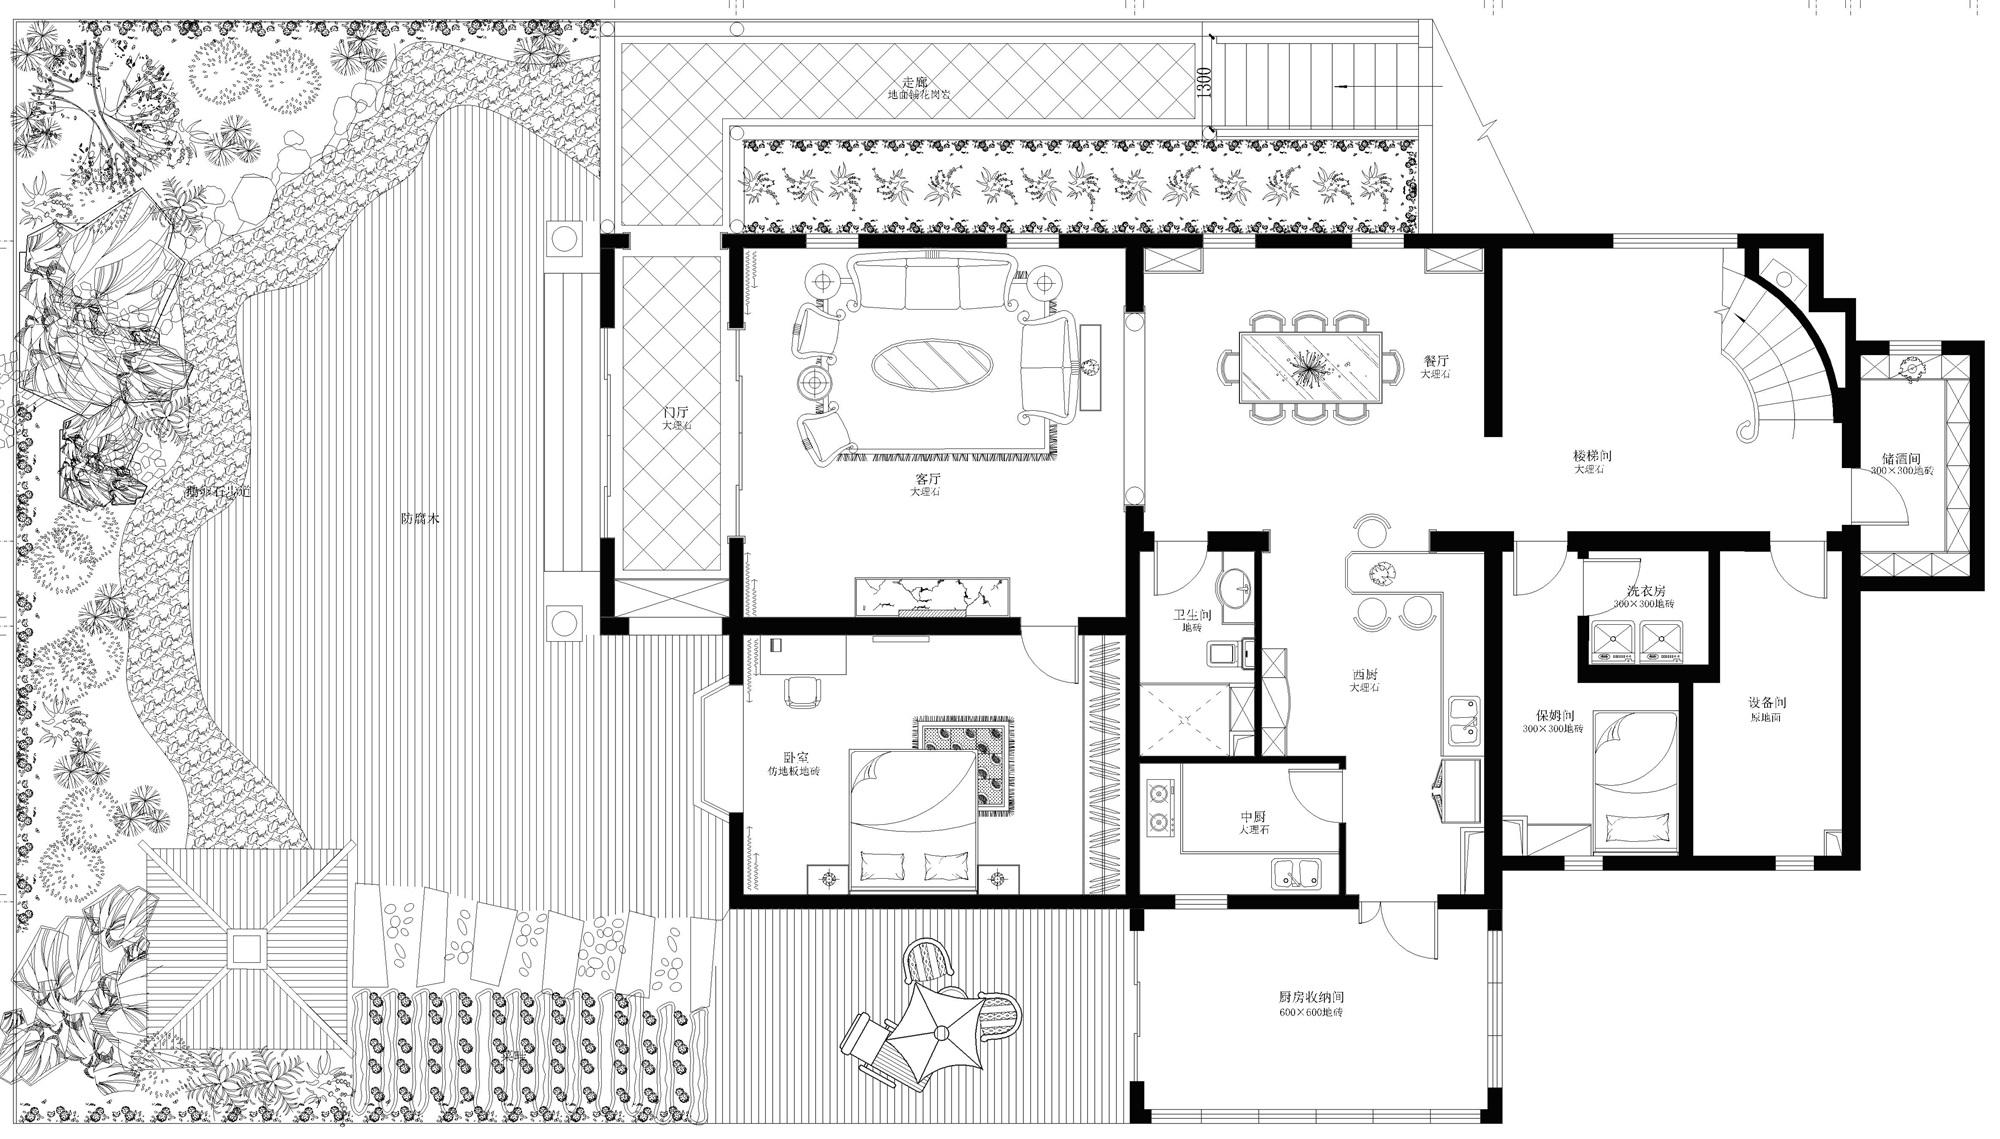 珠江一千栋 新古典 460平米装修设计理念